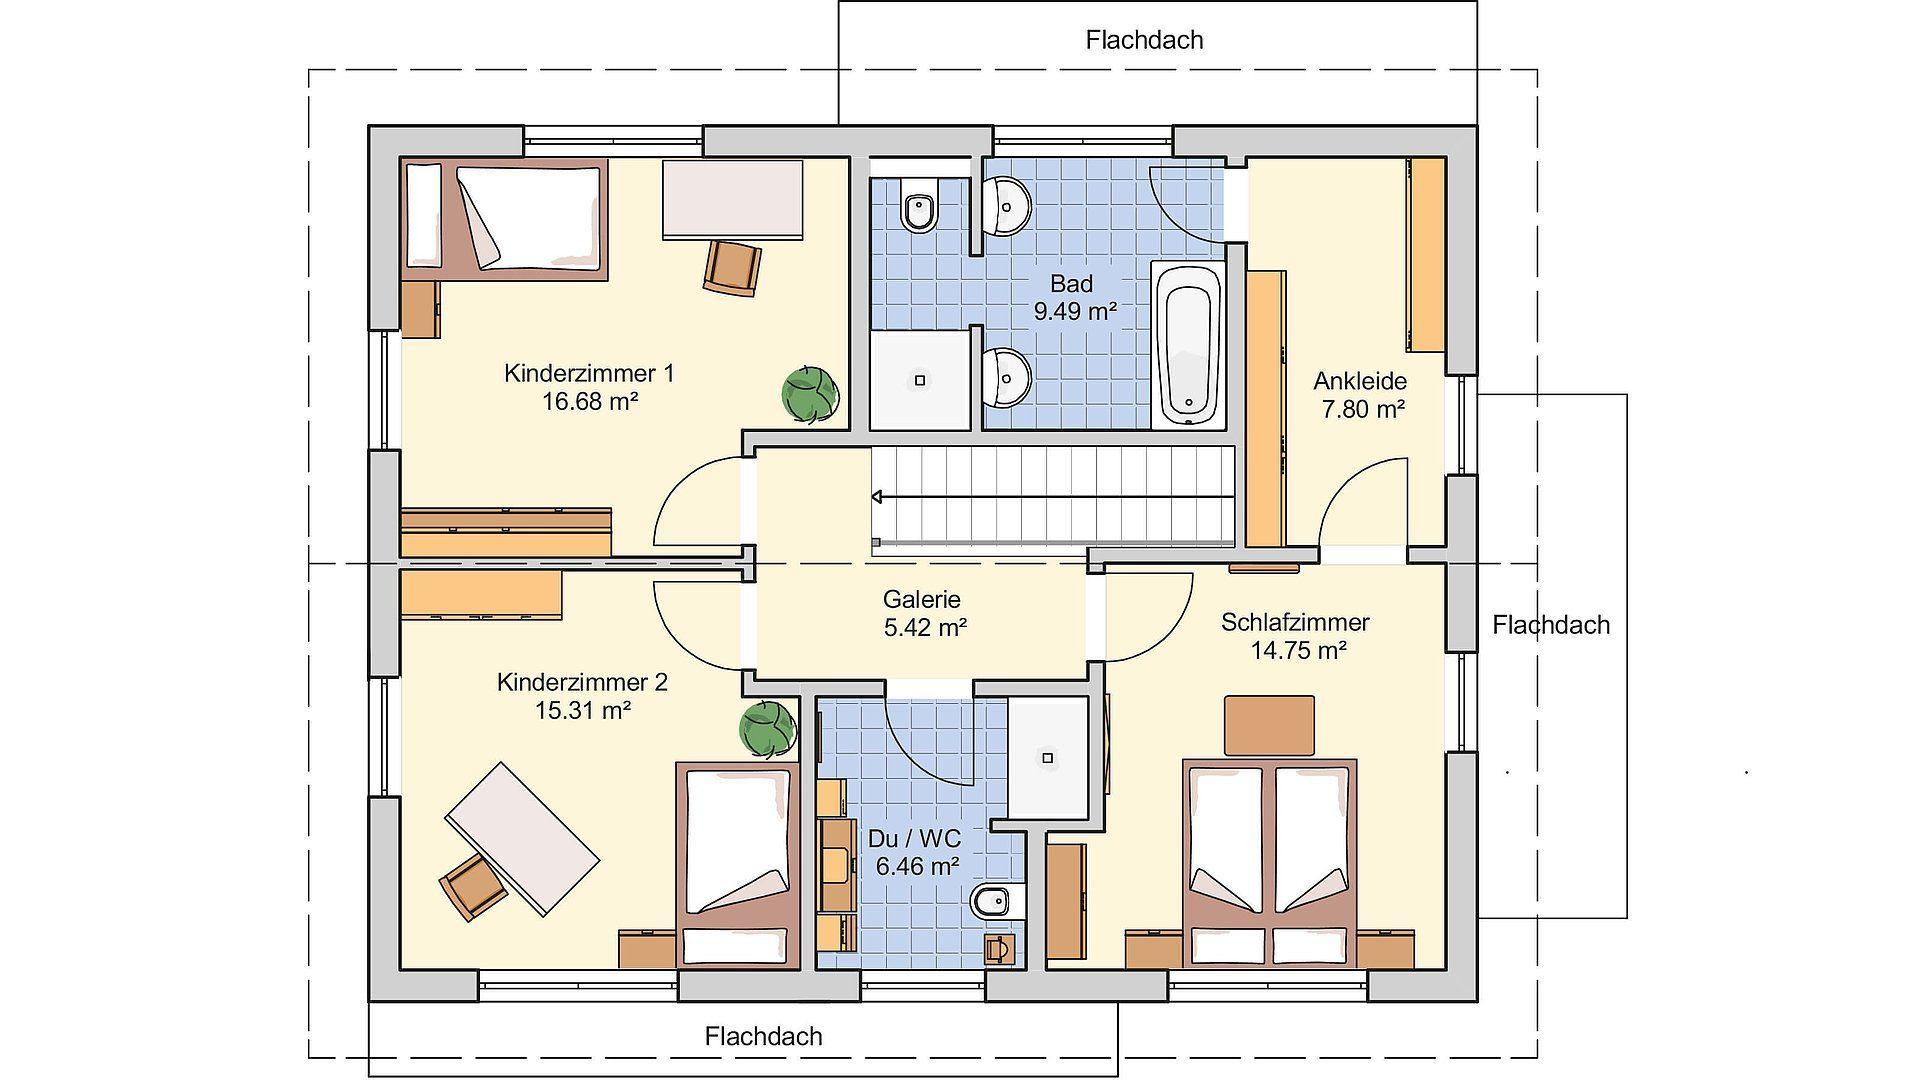 Musterhaus Mannheim - Eine Nahaufnahme von einer Karte - Gebäudeplan